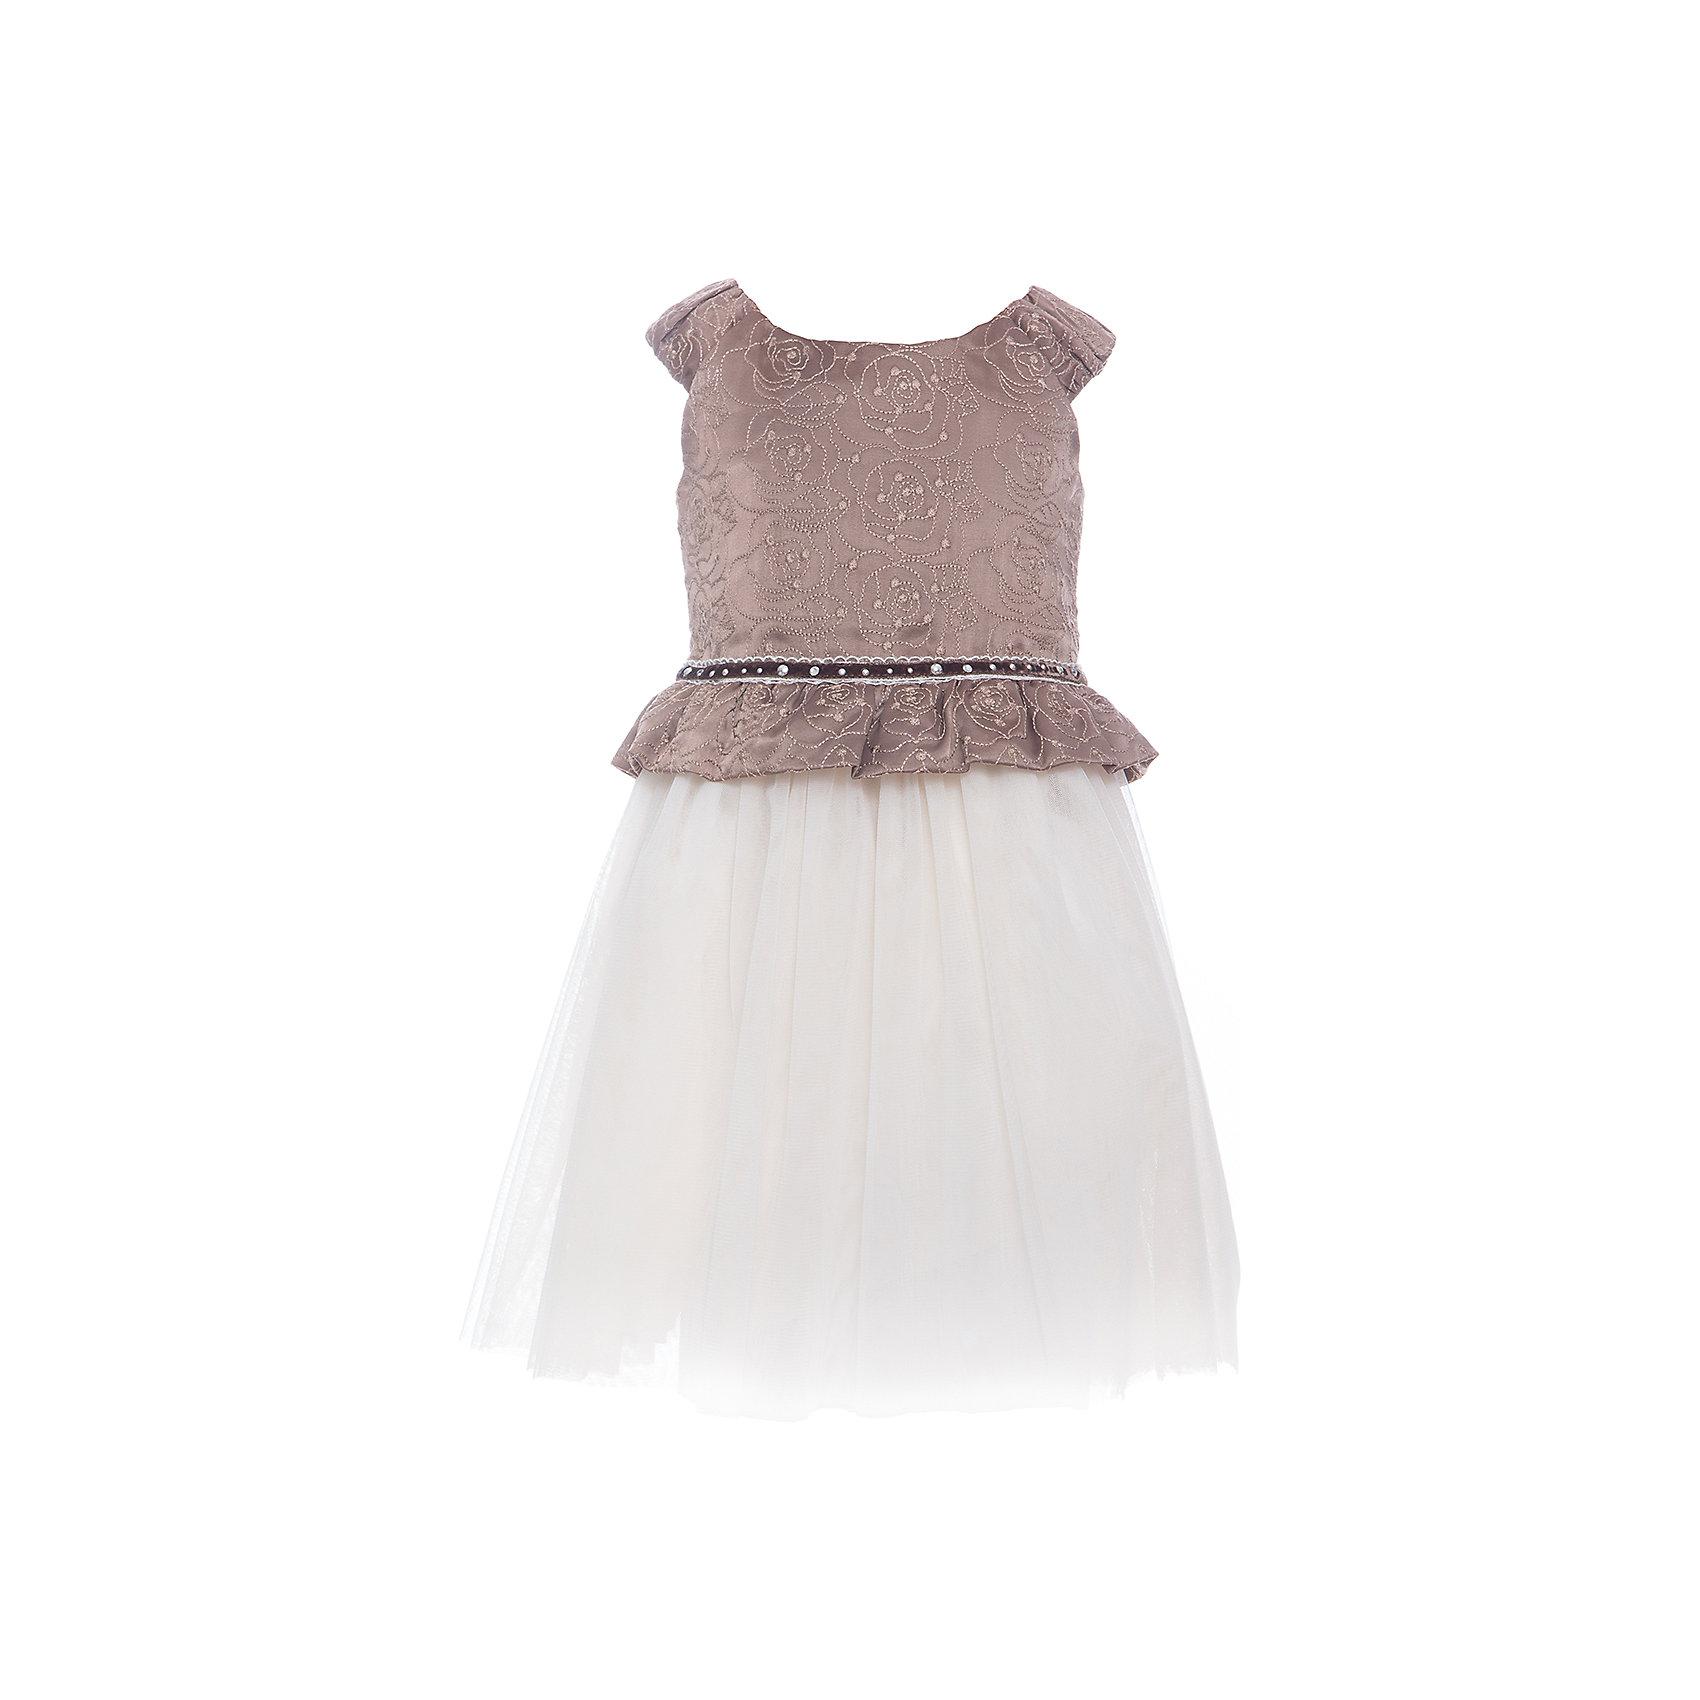 Платье для девочки WojcikОдежда<br>Характеристики товара:<br><br>• цвет: бежевый<br>• состав ткани: 100% полиэстер<br>• сезон: лето<br>• особенности модели: нарядная<br>• застежка: молния<br>• без рукавов<br>• страна бренда: Польша<br>• страна изготовитель: Польша<br><br>Такое нарядное платье для детей сделано из качественного материала. Такое платье для девочки Войчик легко надевается. Эффектное детское платье отличается пышным подолом. Популярный бренд Wojcik - это польская детская одежда отличного качества по доступной цене. <br><br>Платье для девочки Wojcik (Войчик) можно купить в нашем интернет-магазине.<br><br>Ширина мм: 236<br>Глубина мм: 16<br>Высота мм: 184<br>Вес г: 177<br>Цвет: бежевый<br>Возраст от месяцев: 48<br>Возраст до месяцев: 60<br>Пол: Женский<br>Возраст: Детский<br>Размер: 110,134,128,122,116,104,98,92<br>SKU: 5590164